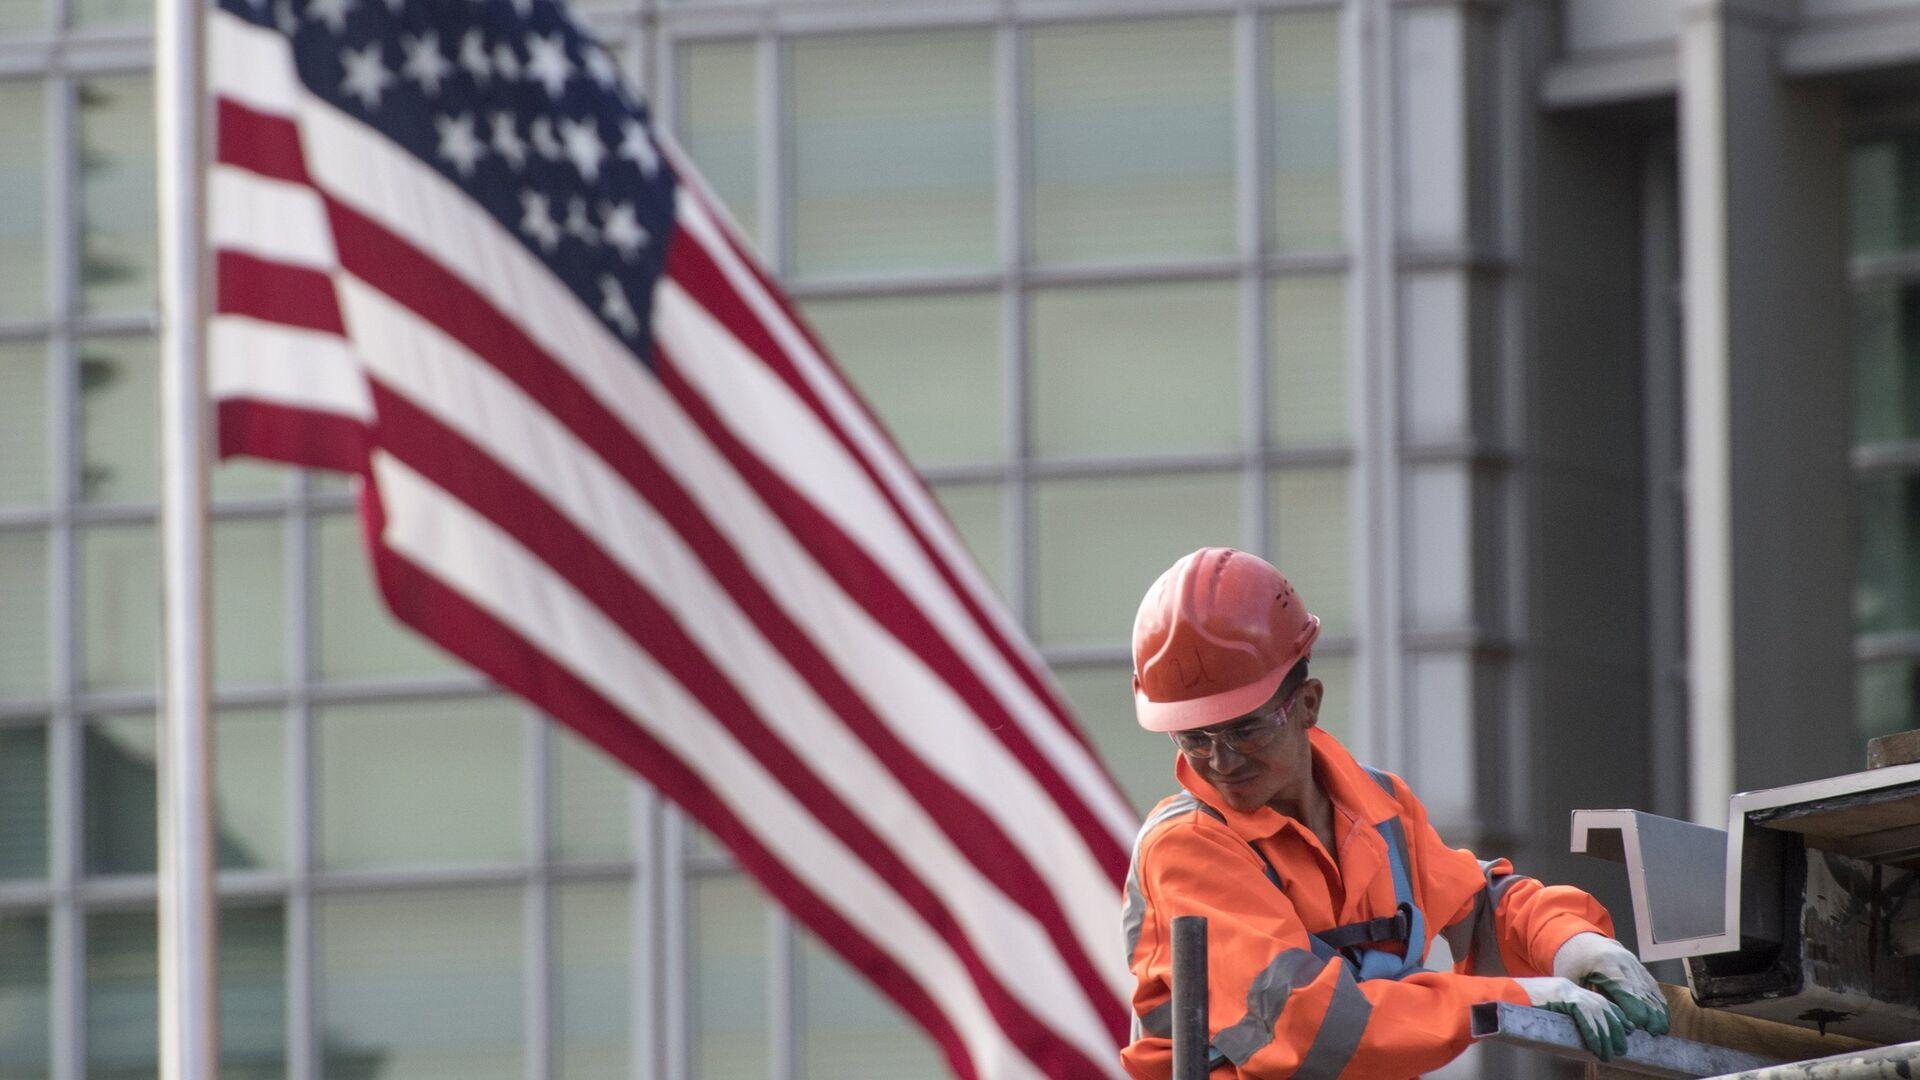 США столкнутся с проблемами в работе дипмиссий в России, заявил эксперт